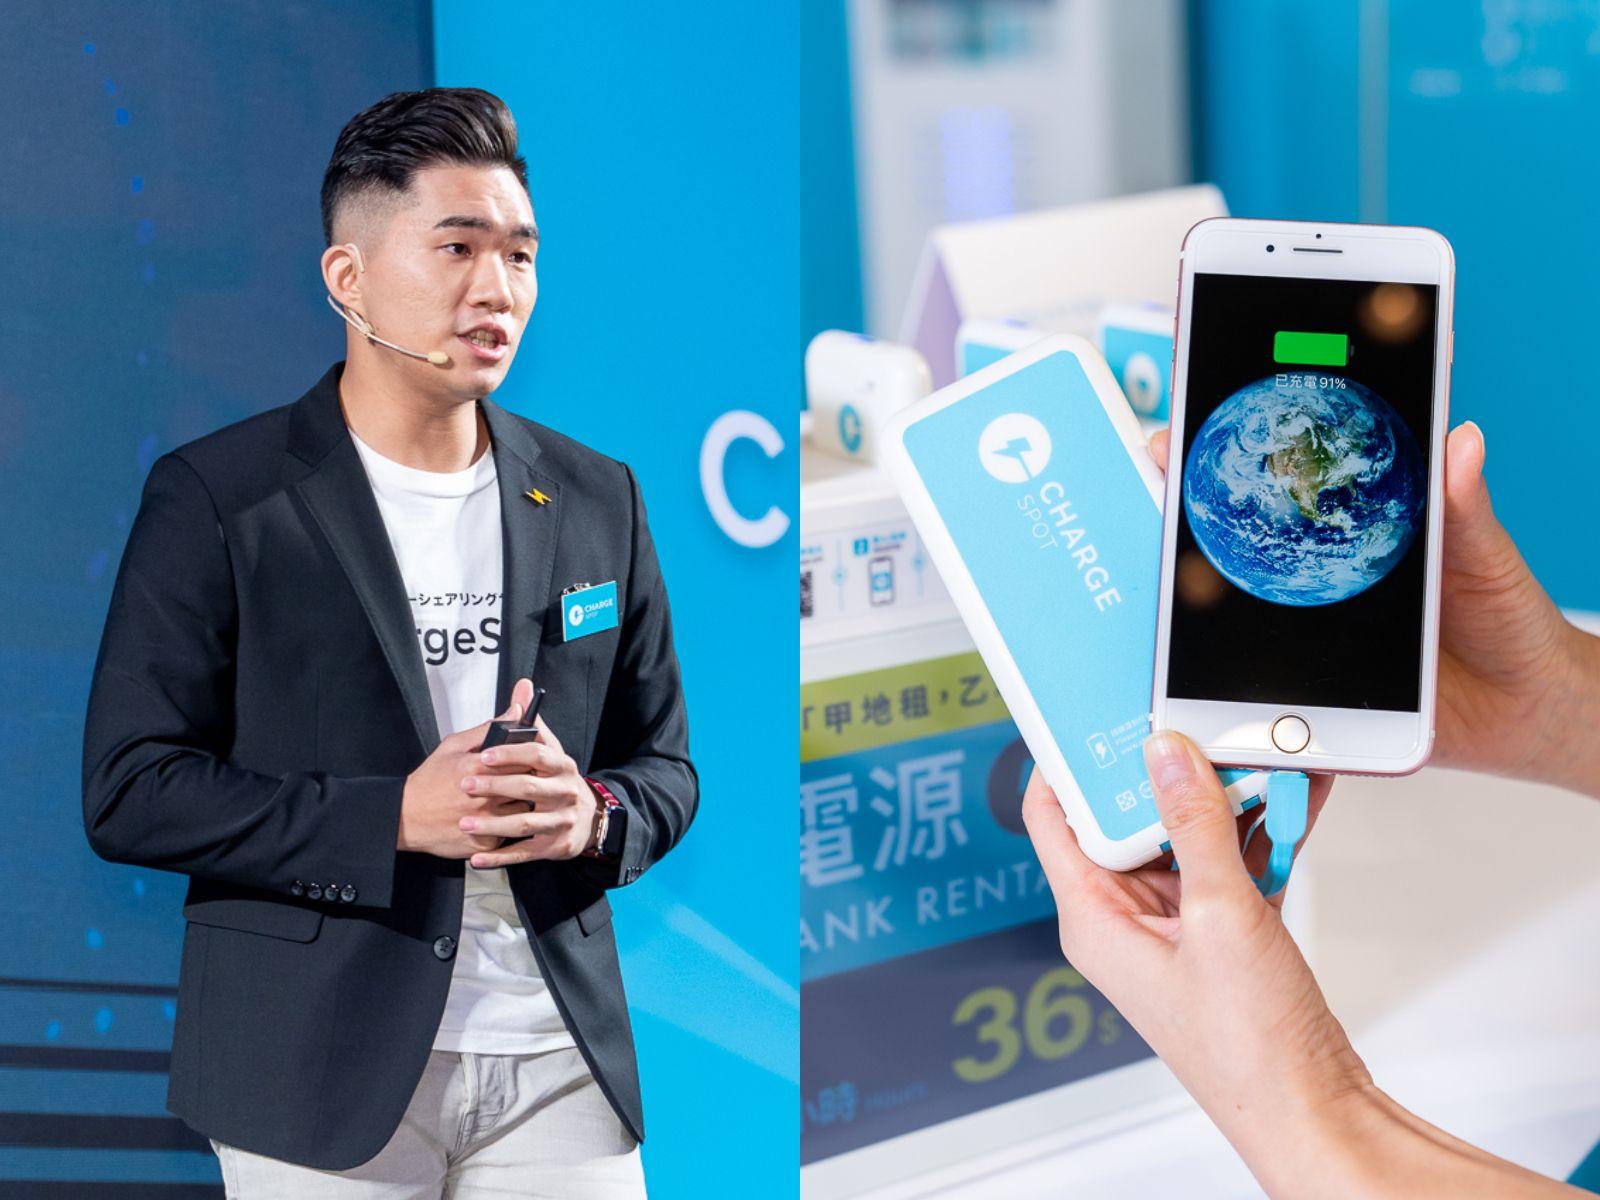 手機沒電怎麼辦?「共享行動電源服務」ChargeSPOT 推出3秒快速借電,邁向24小時充電生活圈